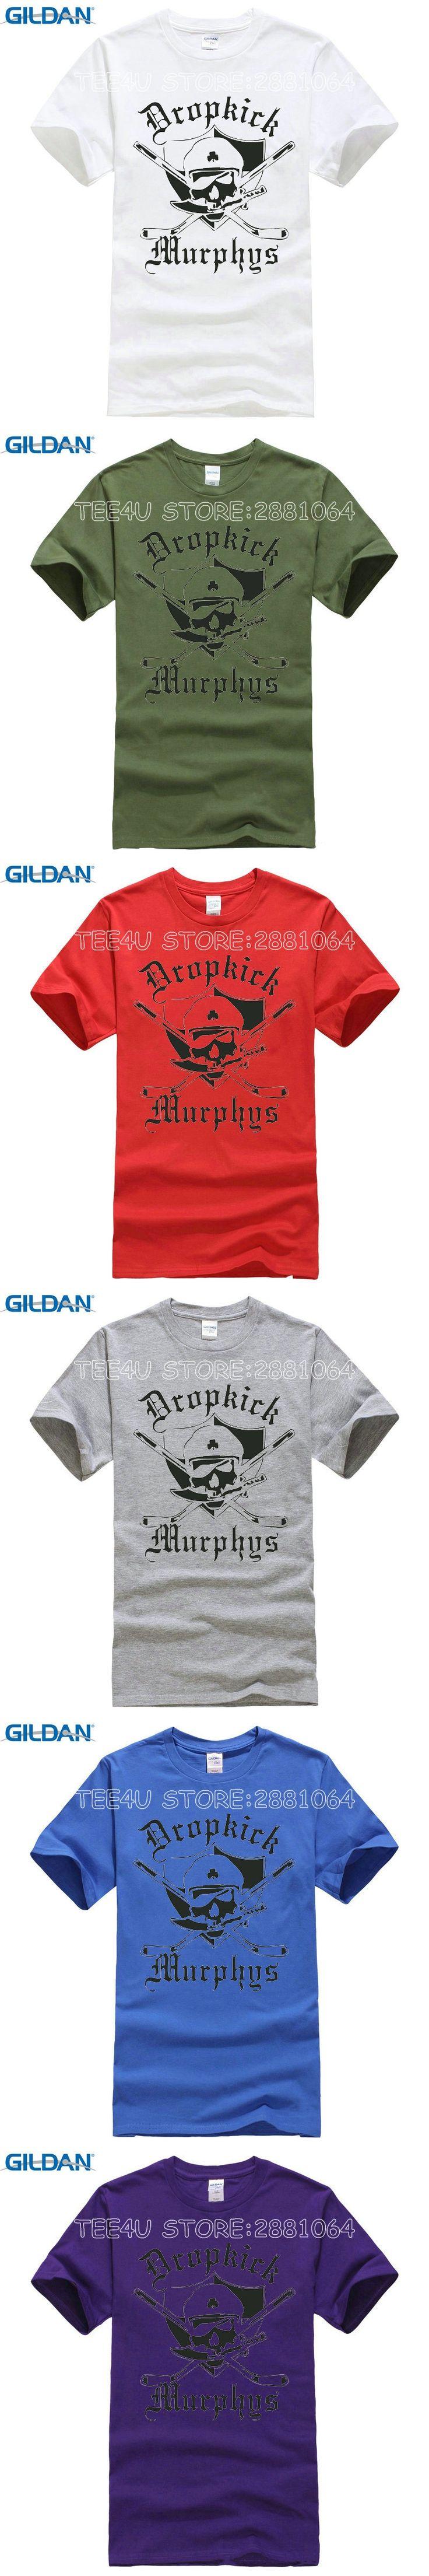 Tee4U Design Your Own Shirt Online Men'S Tall O-Neck Dropkick Murphys Punk Rock Musica Short-Sleeve T Shirt